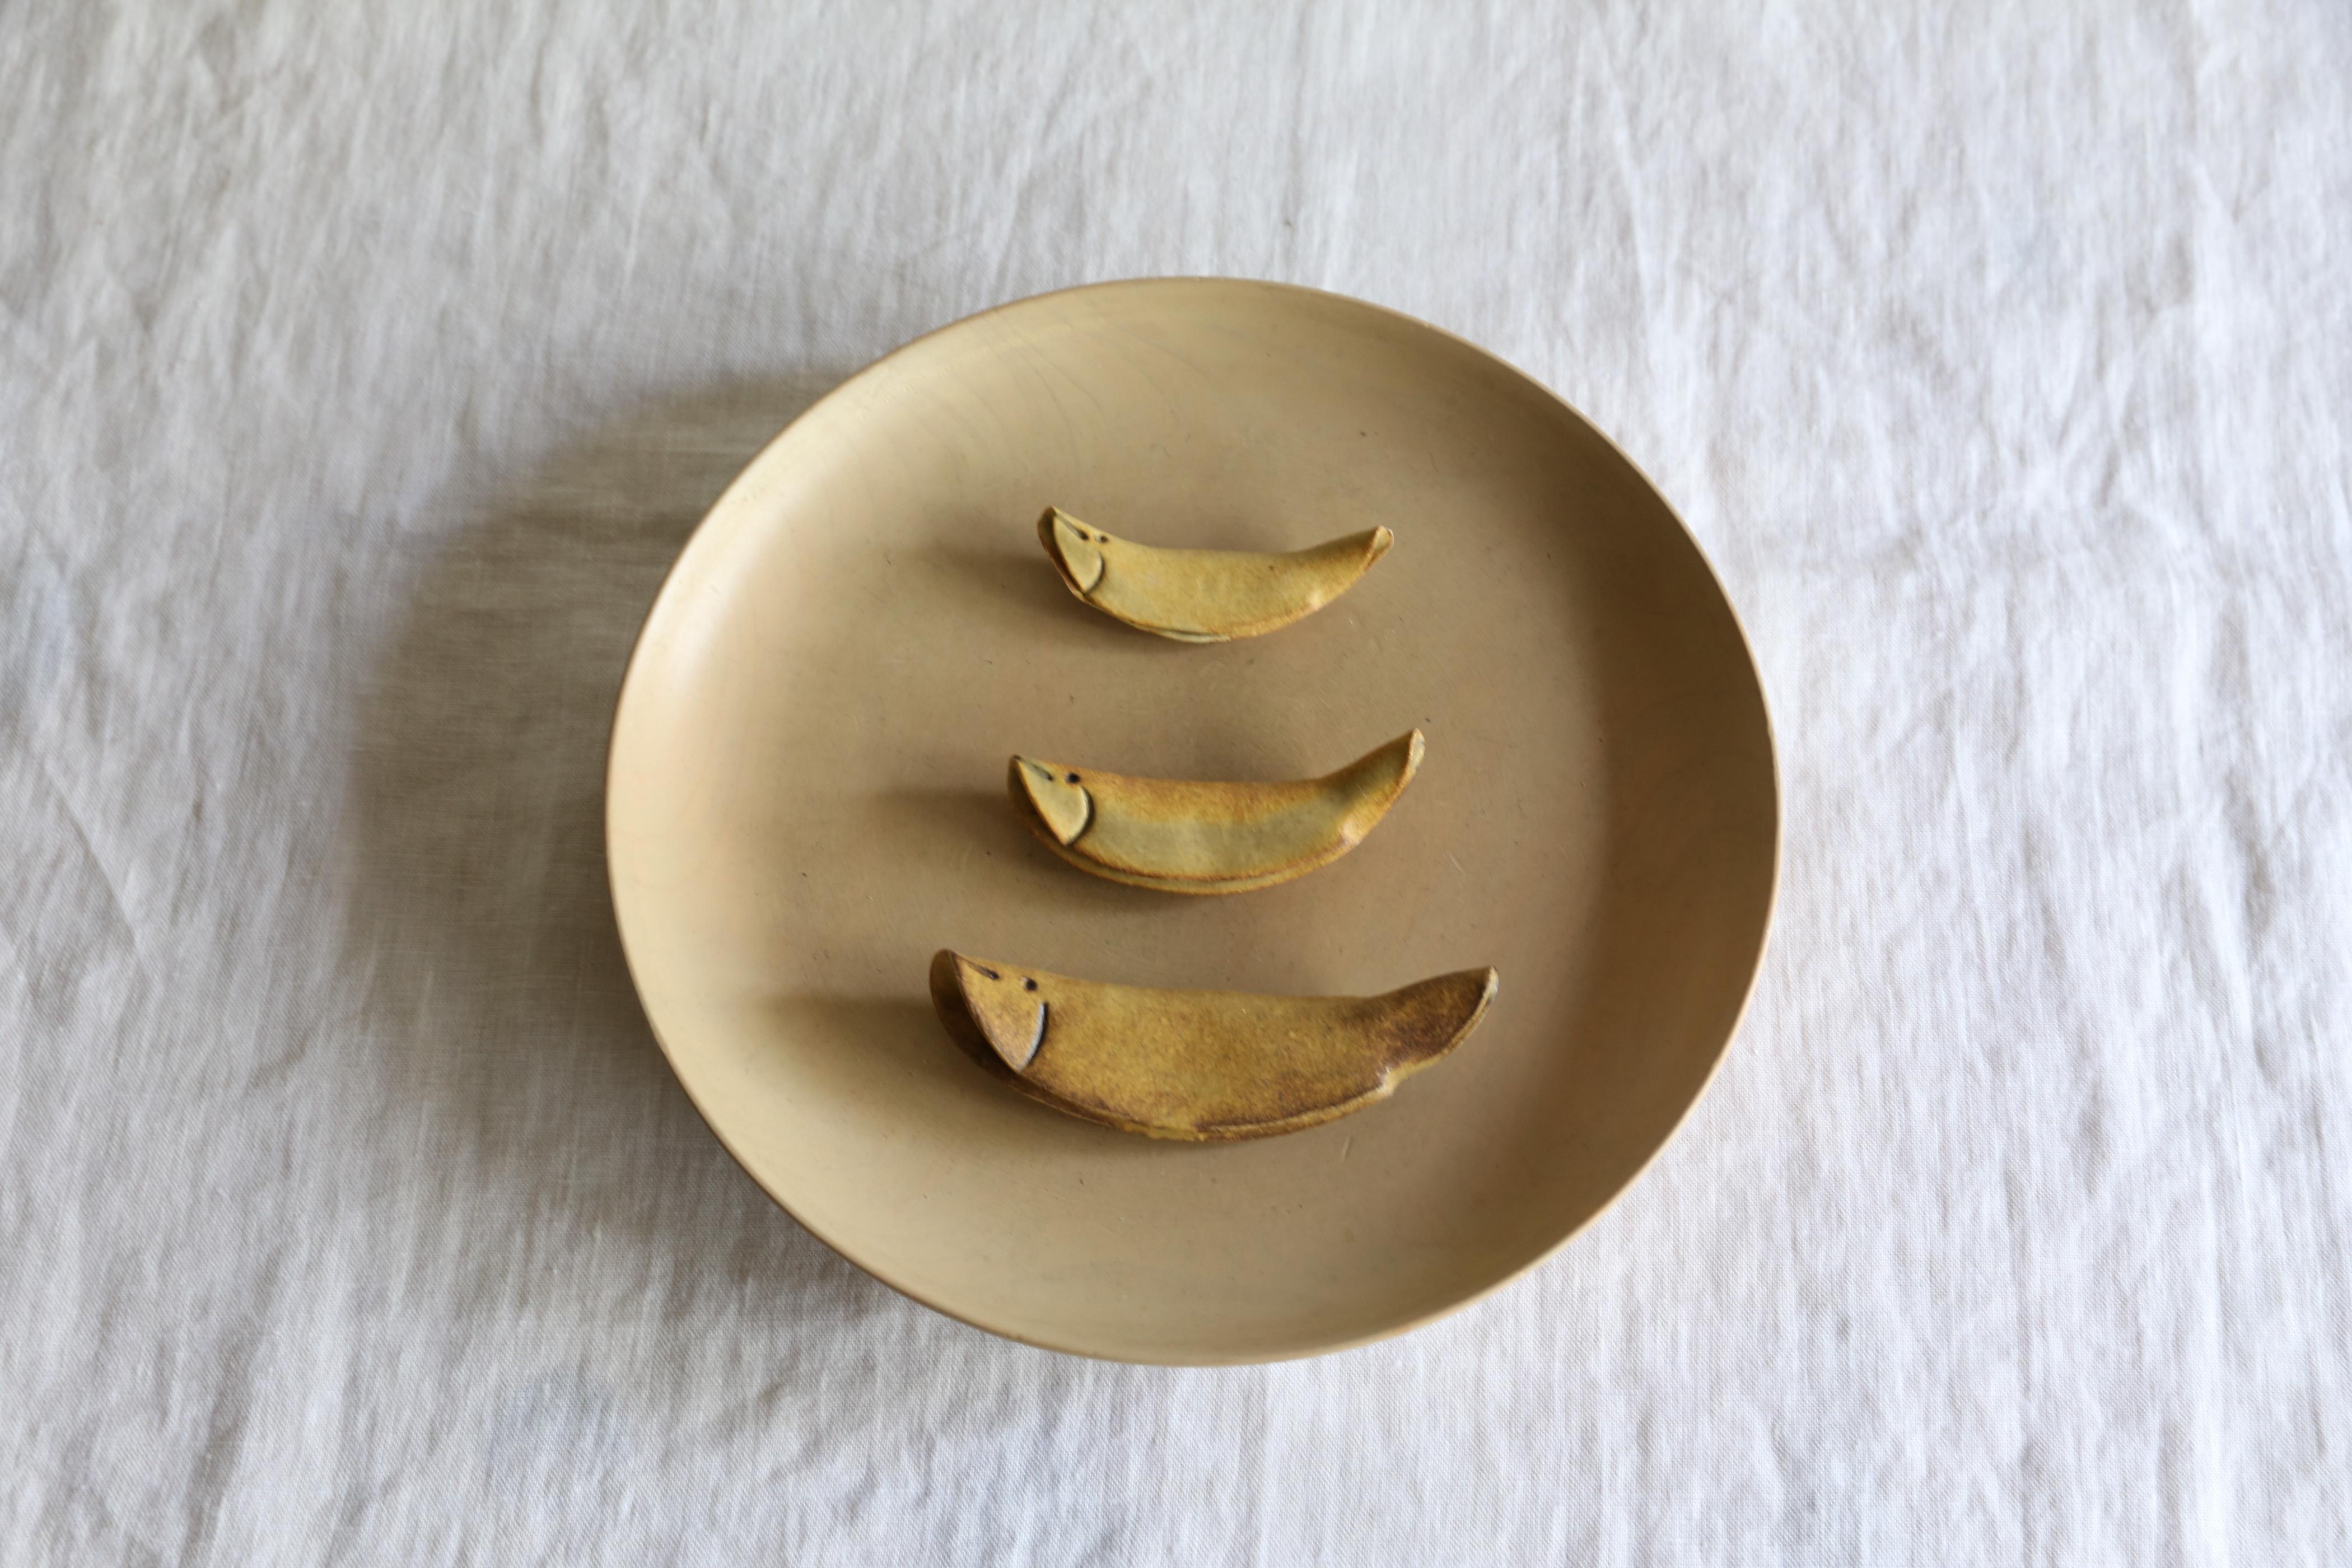 岐阜銘菓・鮎菓子の形をしたかわいい箸置き